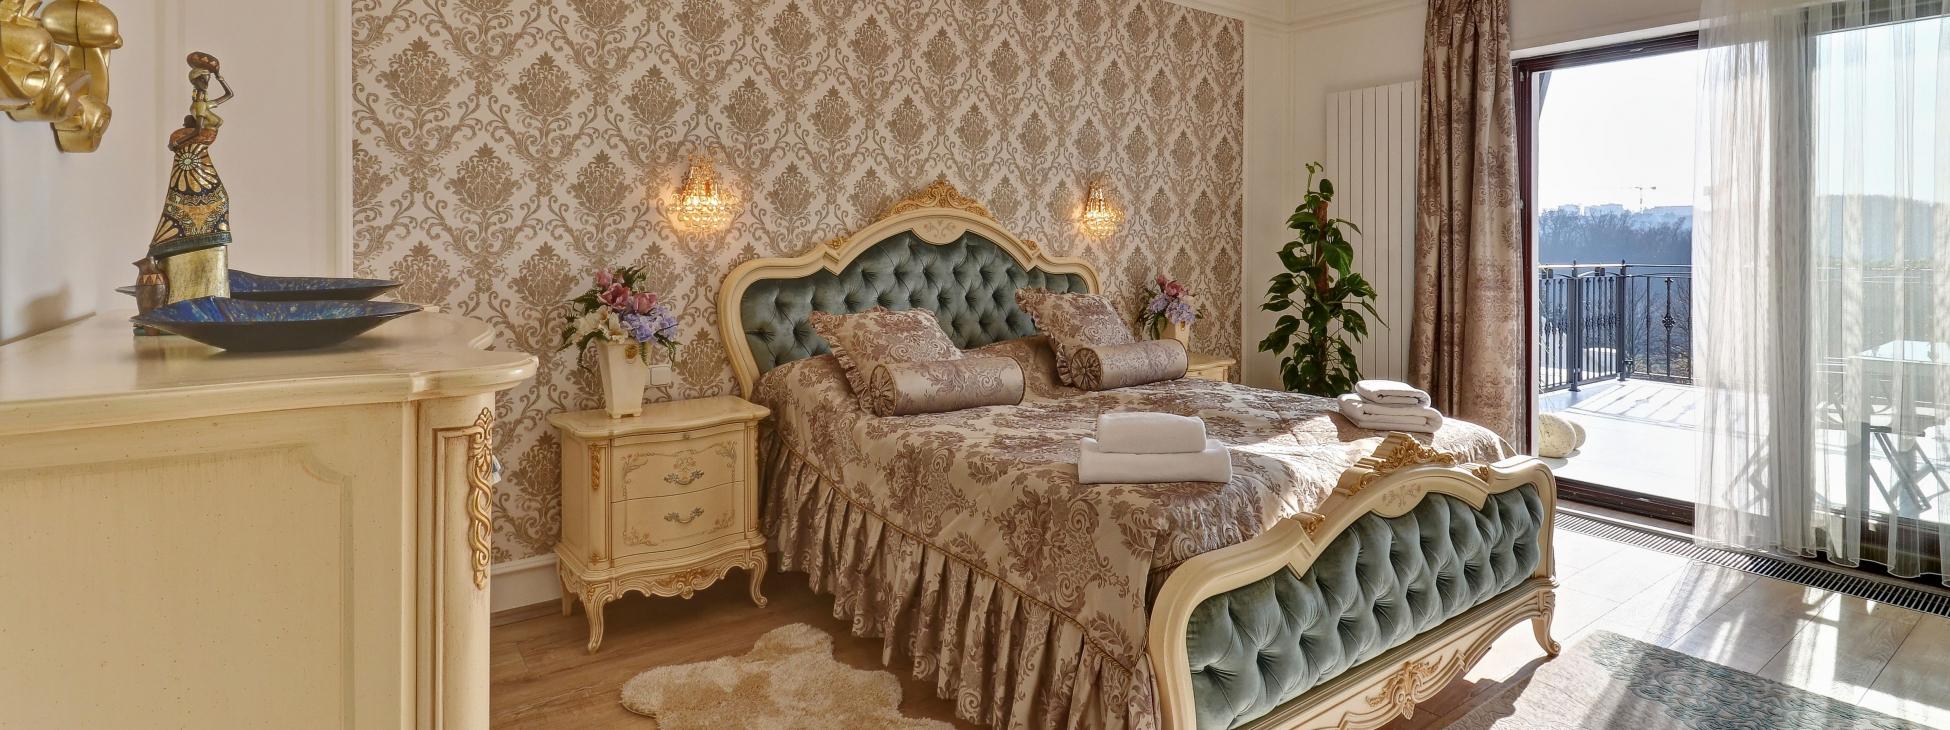 HOTEL POD LIPKAMI - Relaxujte v luxusním wellness hotelovém ubytování v Praze